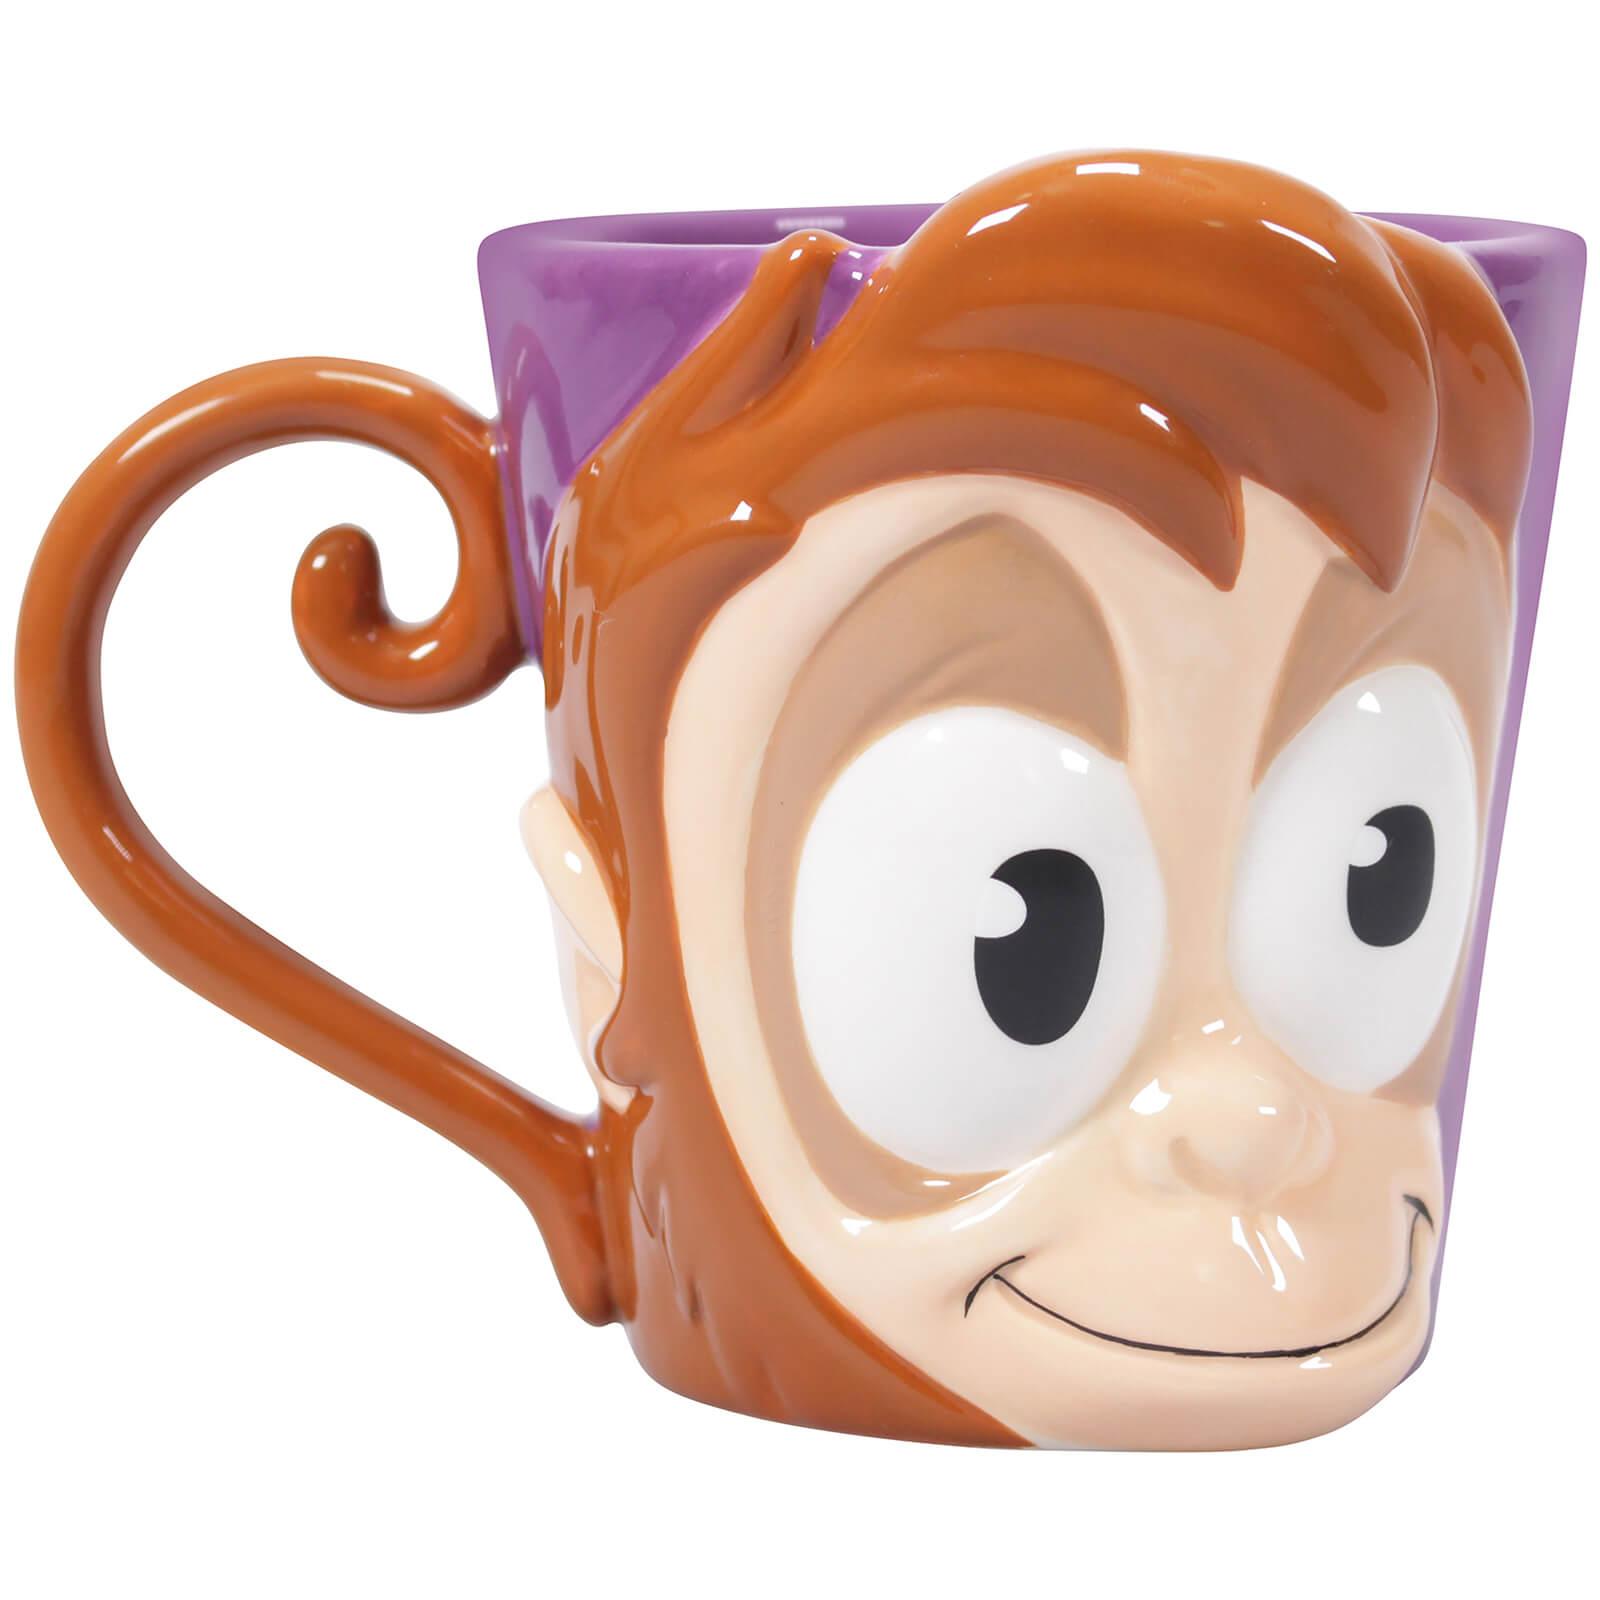 Image of Disney Aladdin Abu Shaped Mug